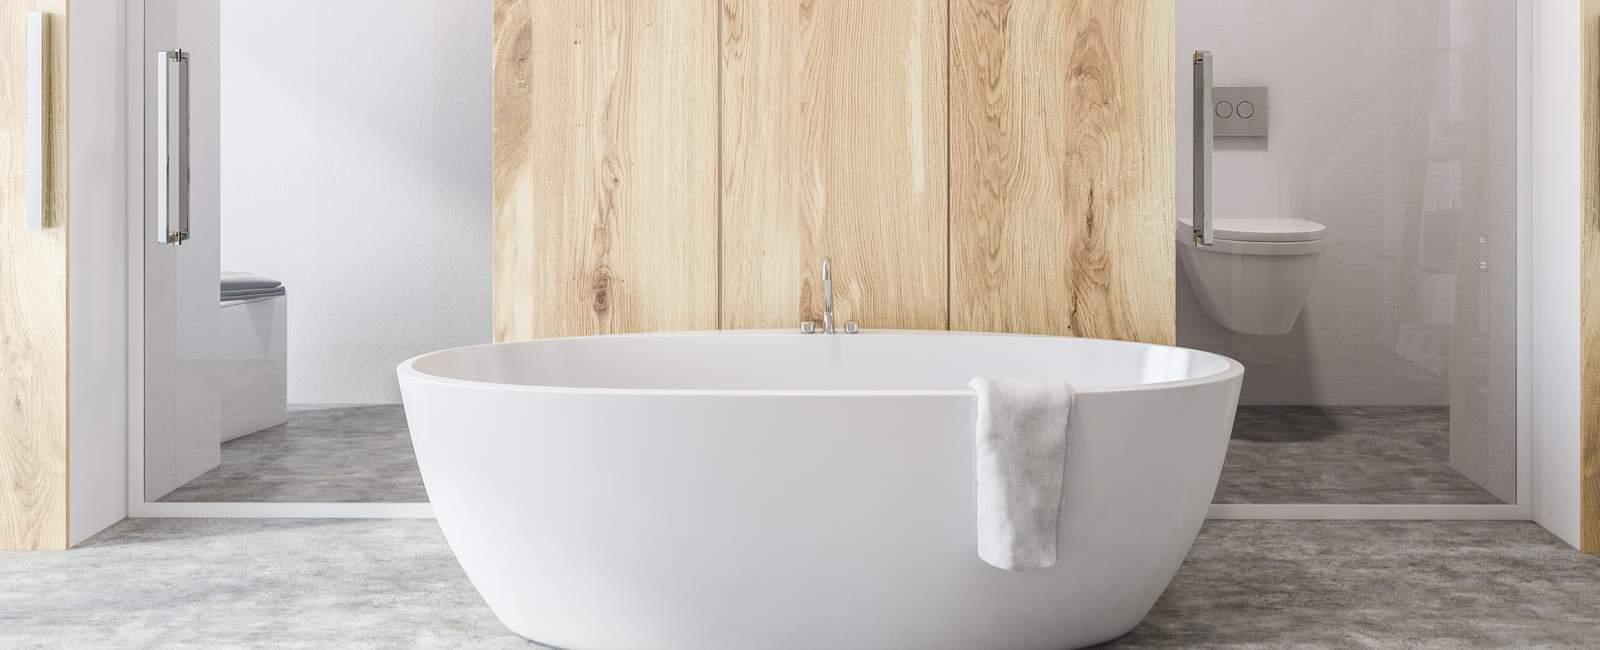 Comment Utiliser Les Panneaux D'habillage Pour Rénover Sa encequiconcerne Plaque Renovation Salle De Bain